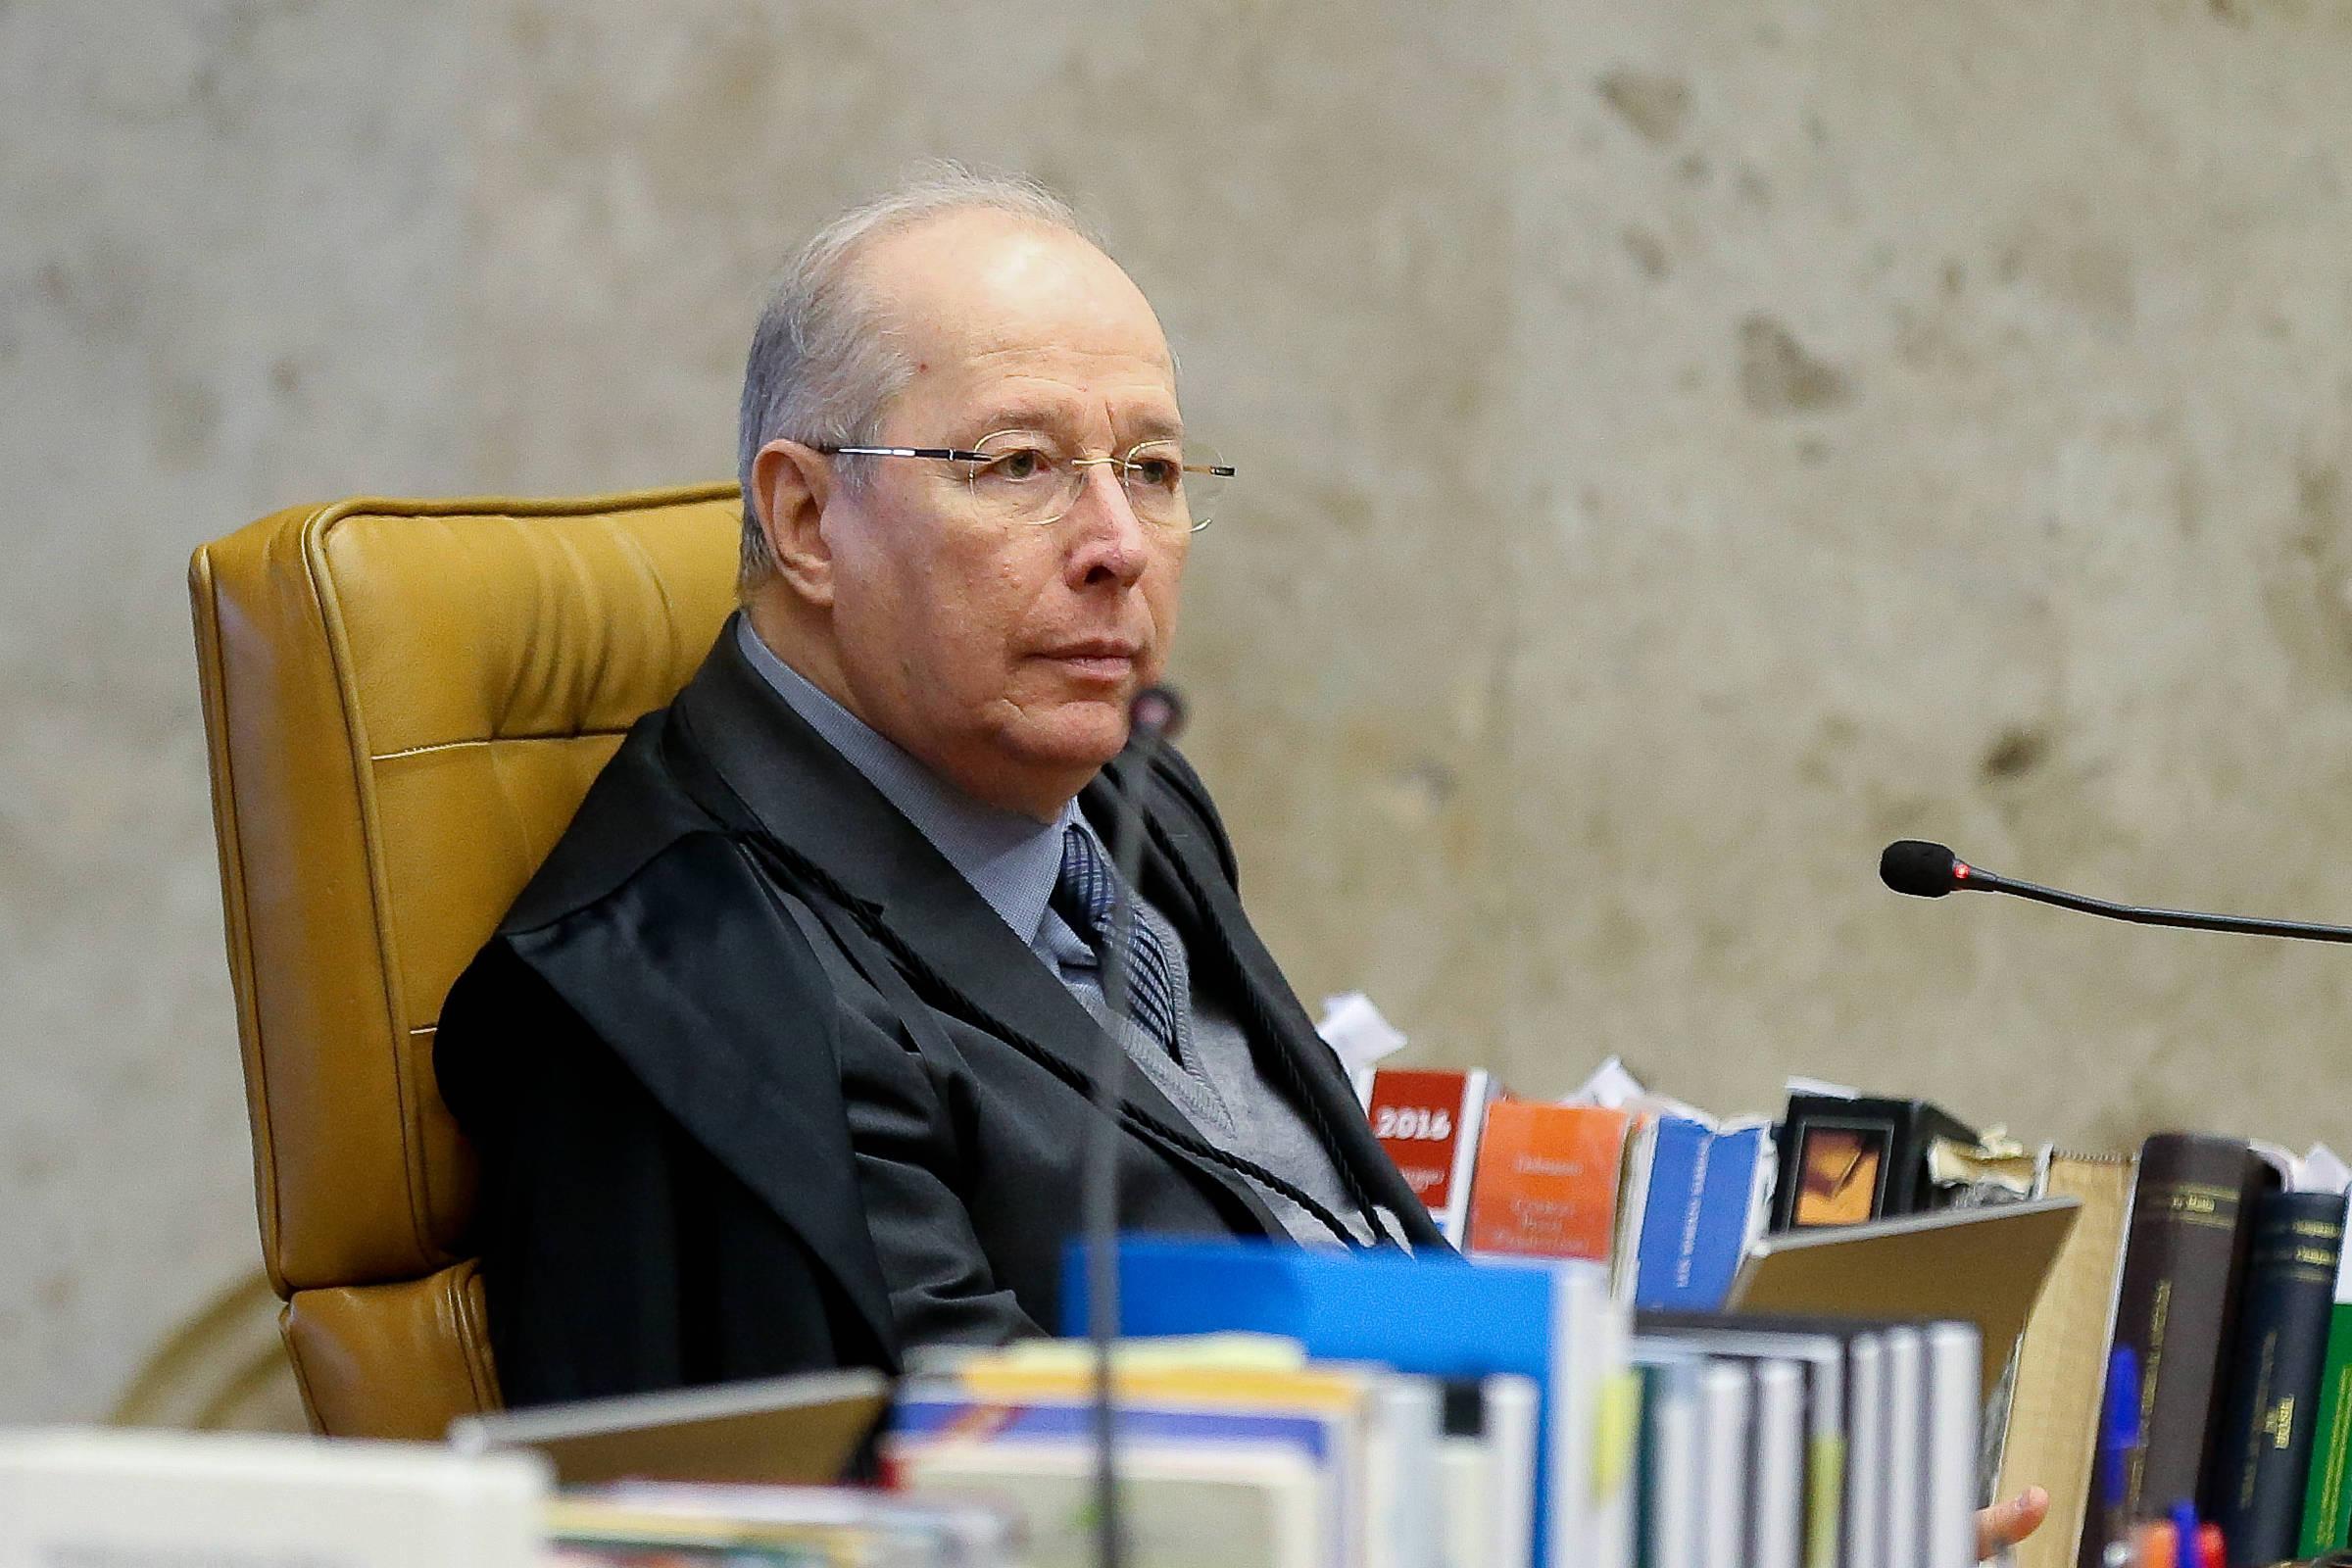 Celso de Mello diz que os autores das ameaças aos juízes são 'bolsonaristas fascistoides' - 21.05.2020. - Monica Bergamo